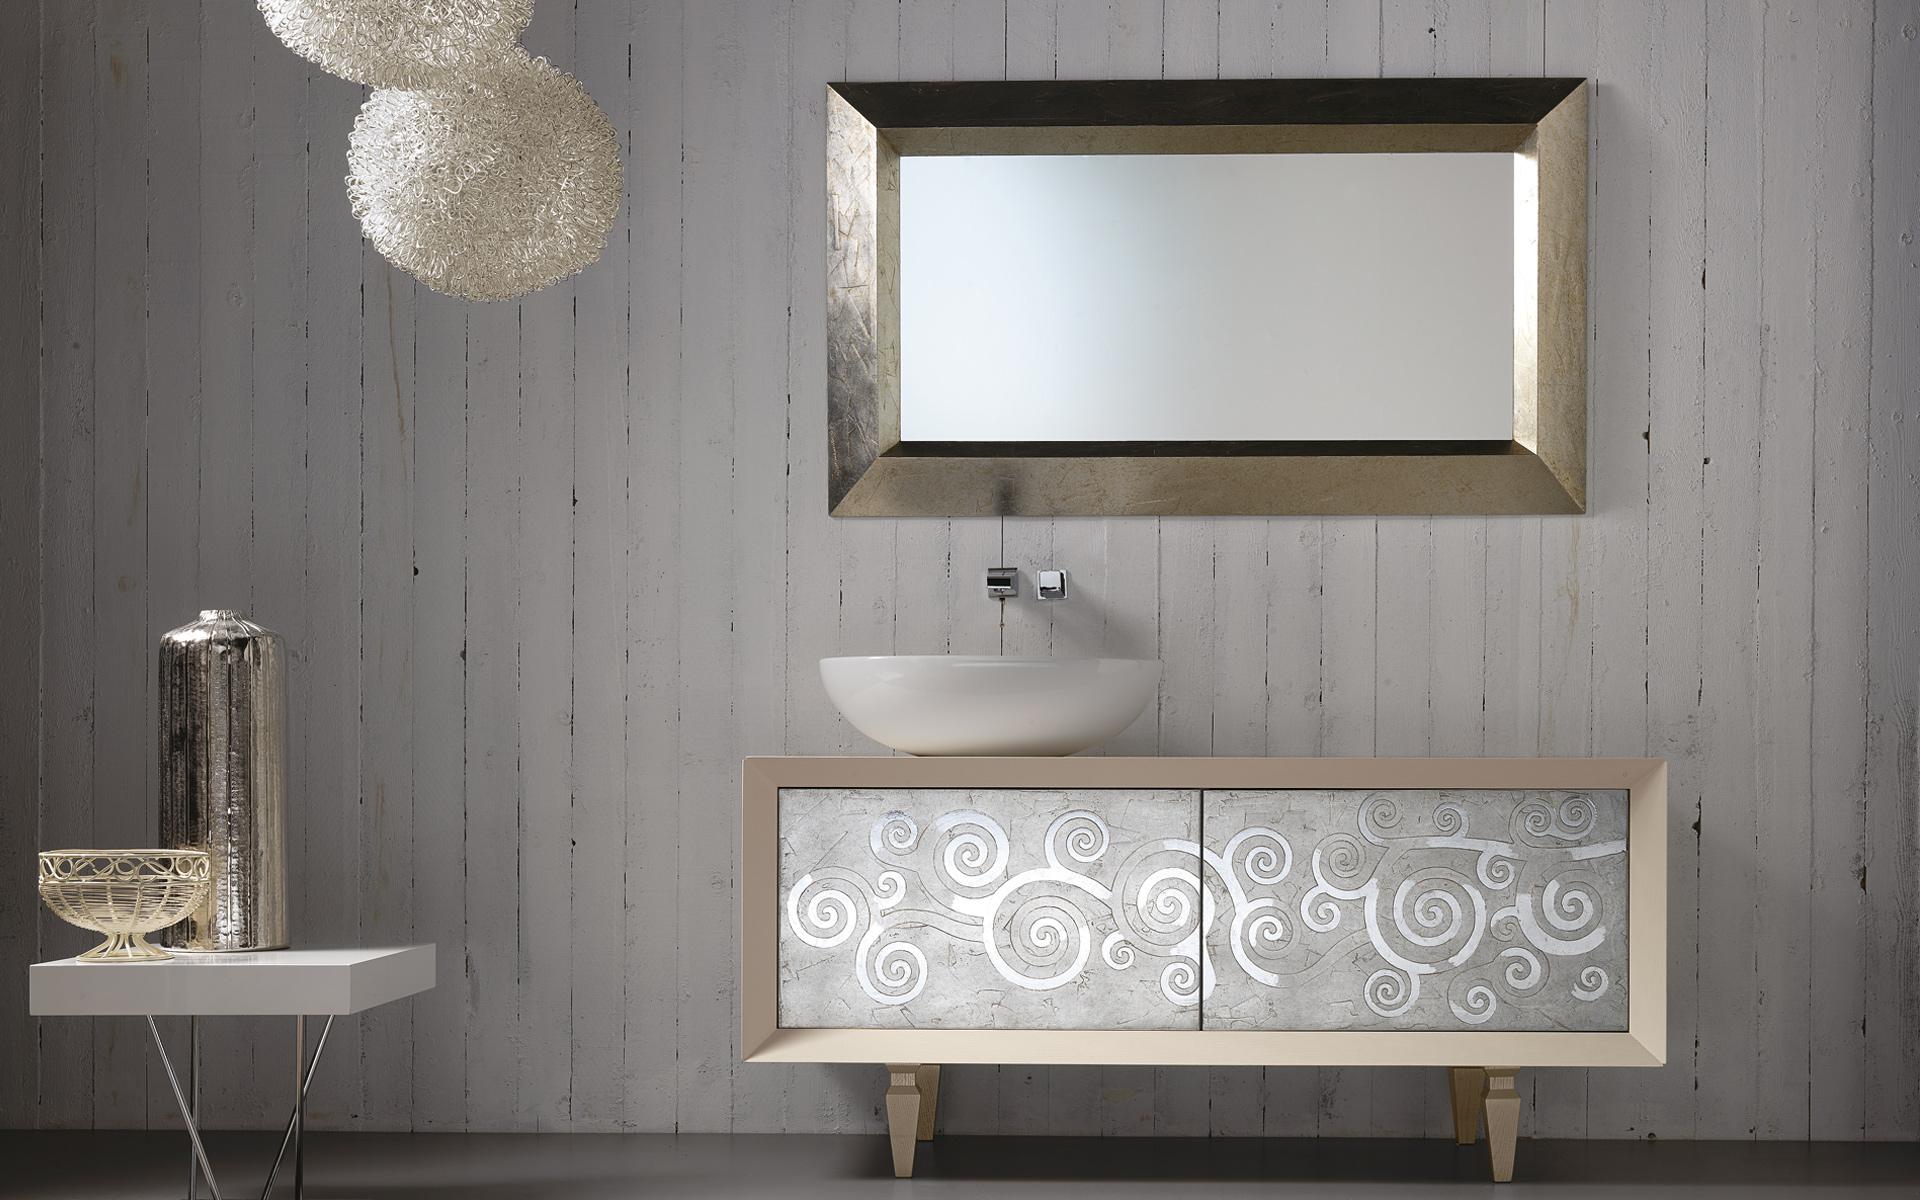 Produzione mobili e complementi per il bagno moderni e classici in ...